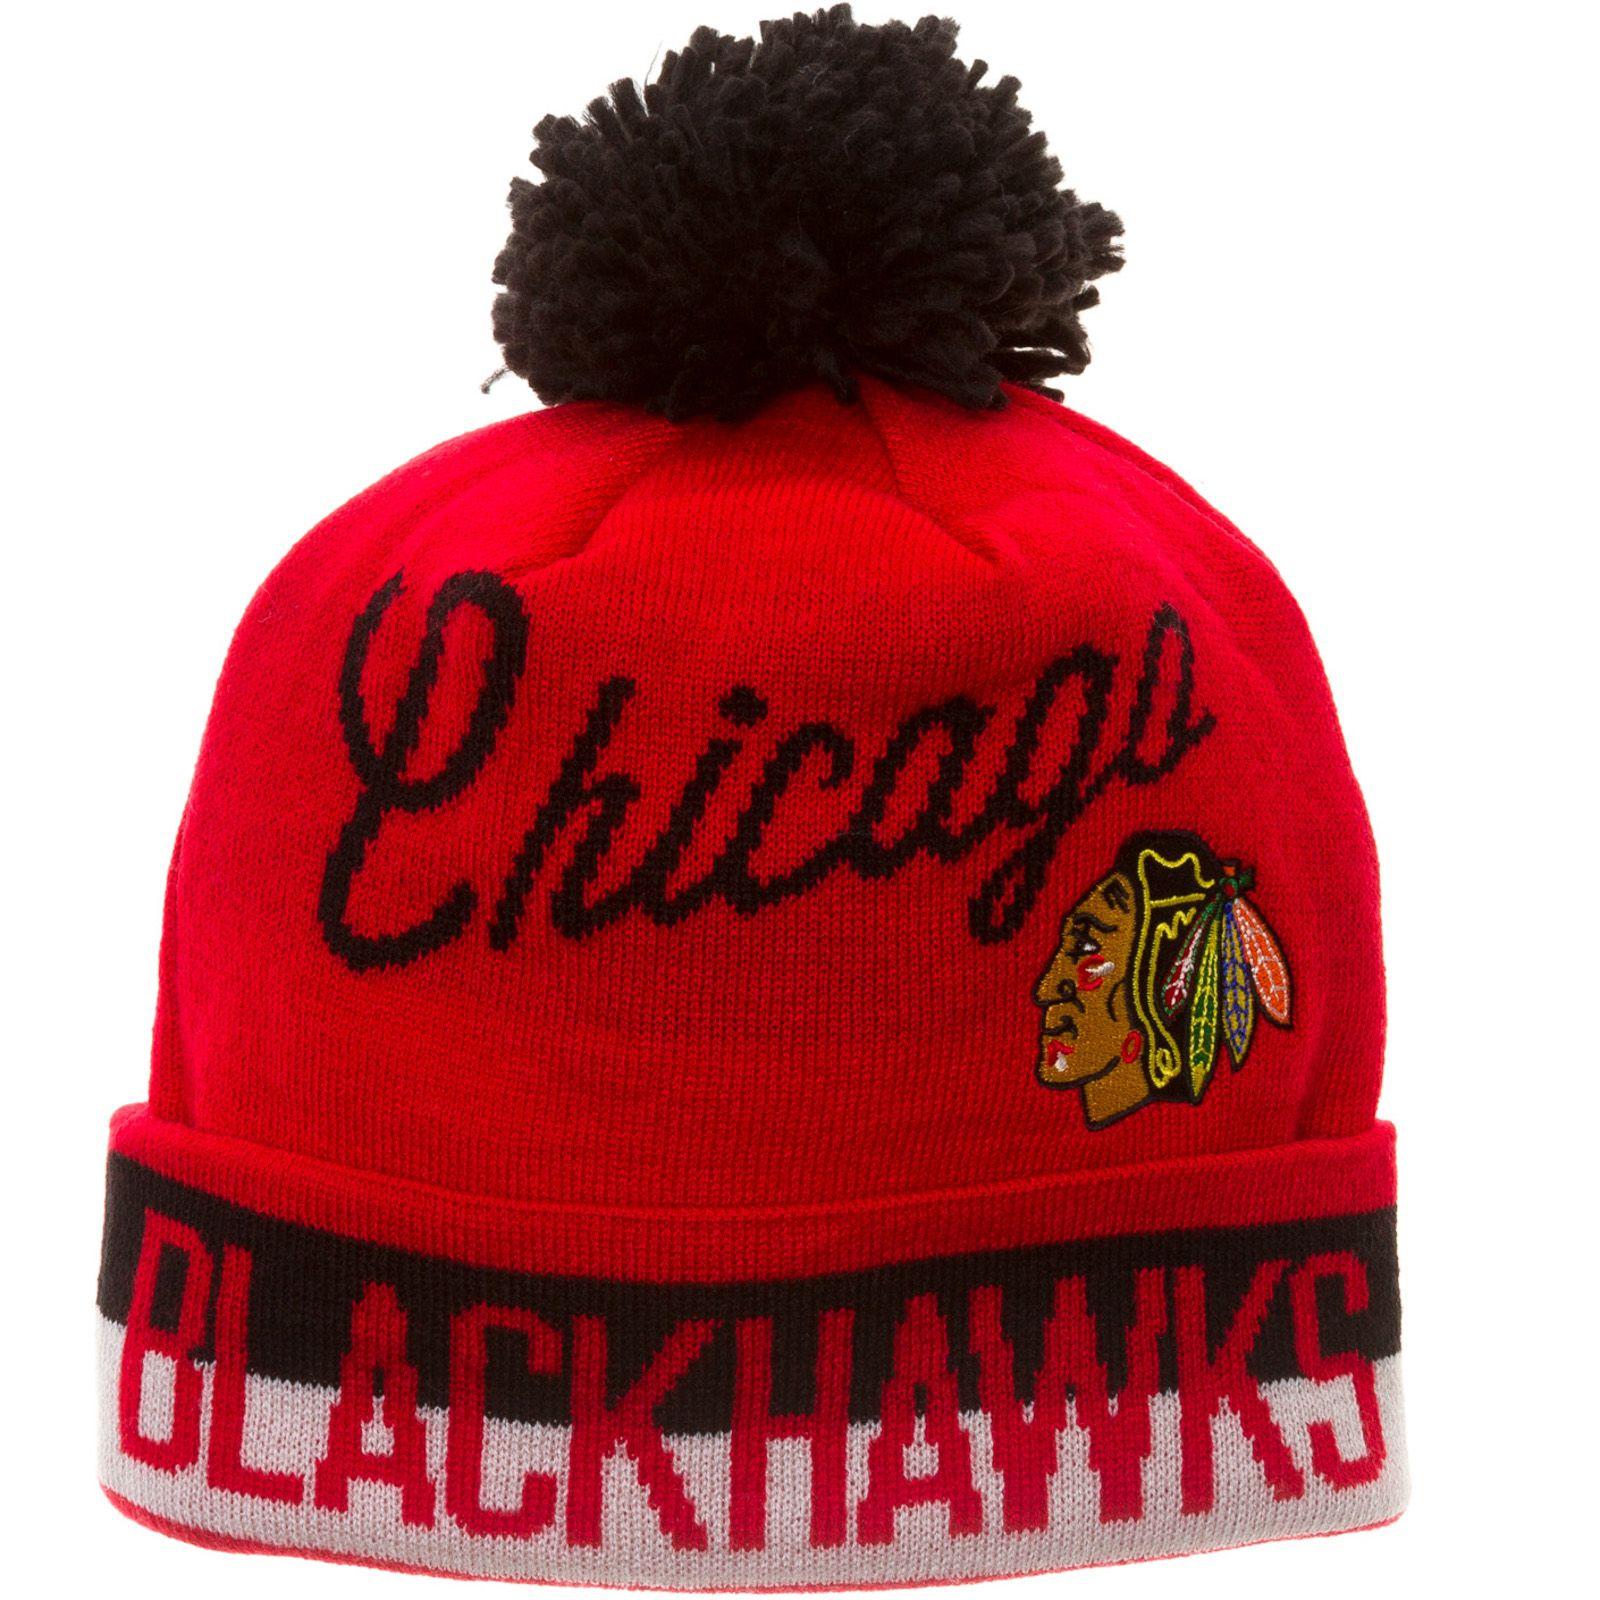 eeadb394b2a Chicago Blackhawks CCM Red Vintage Cuffed Knit Hat with Pom  Chicago   Blackhawks  ChicagoBlackhawks